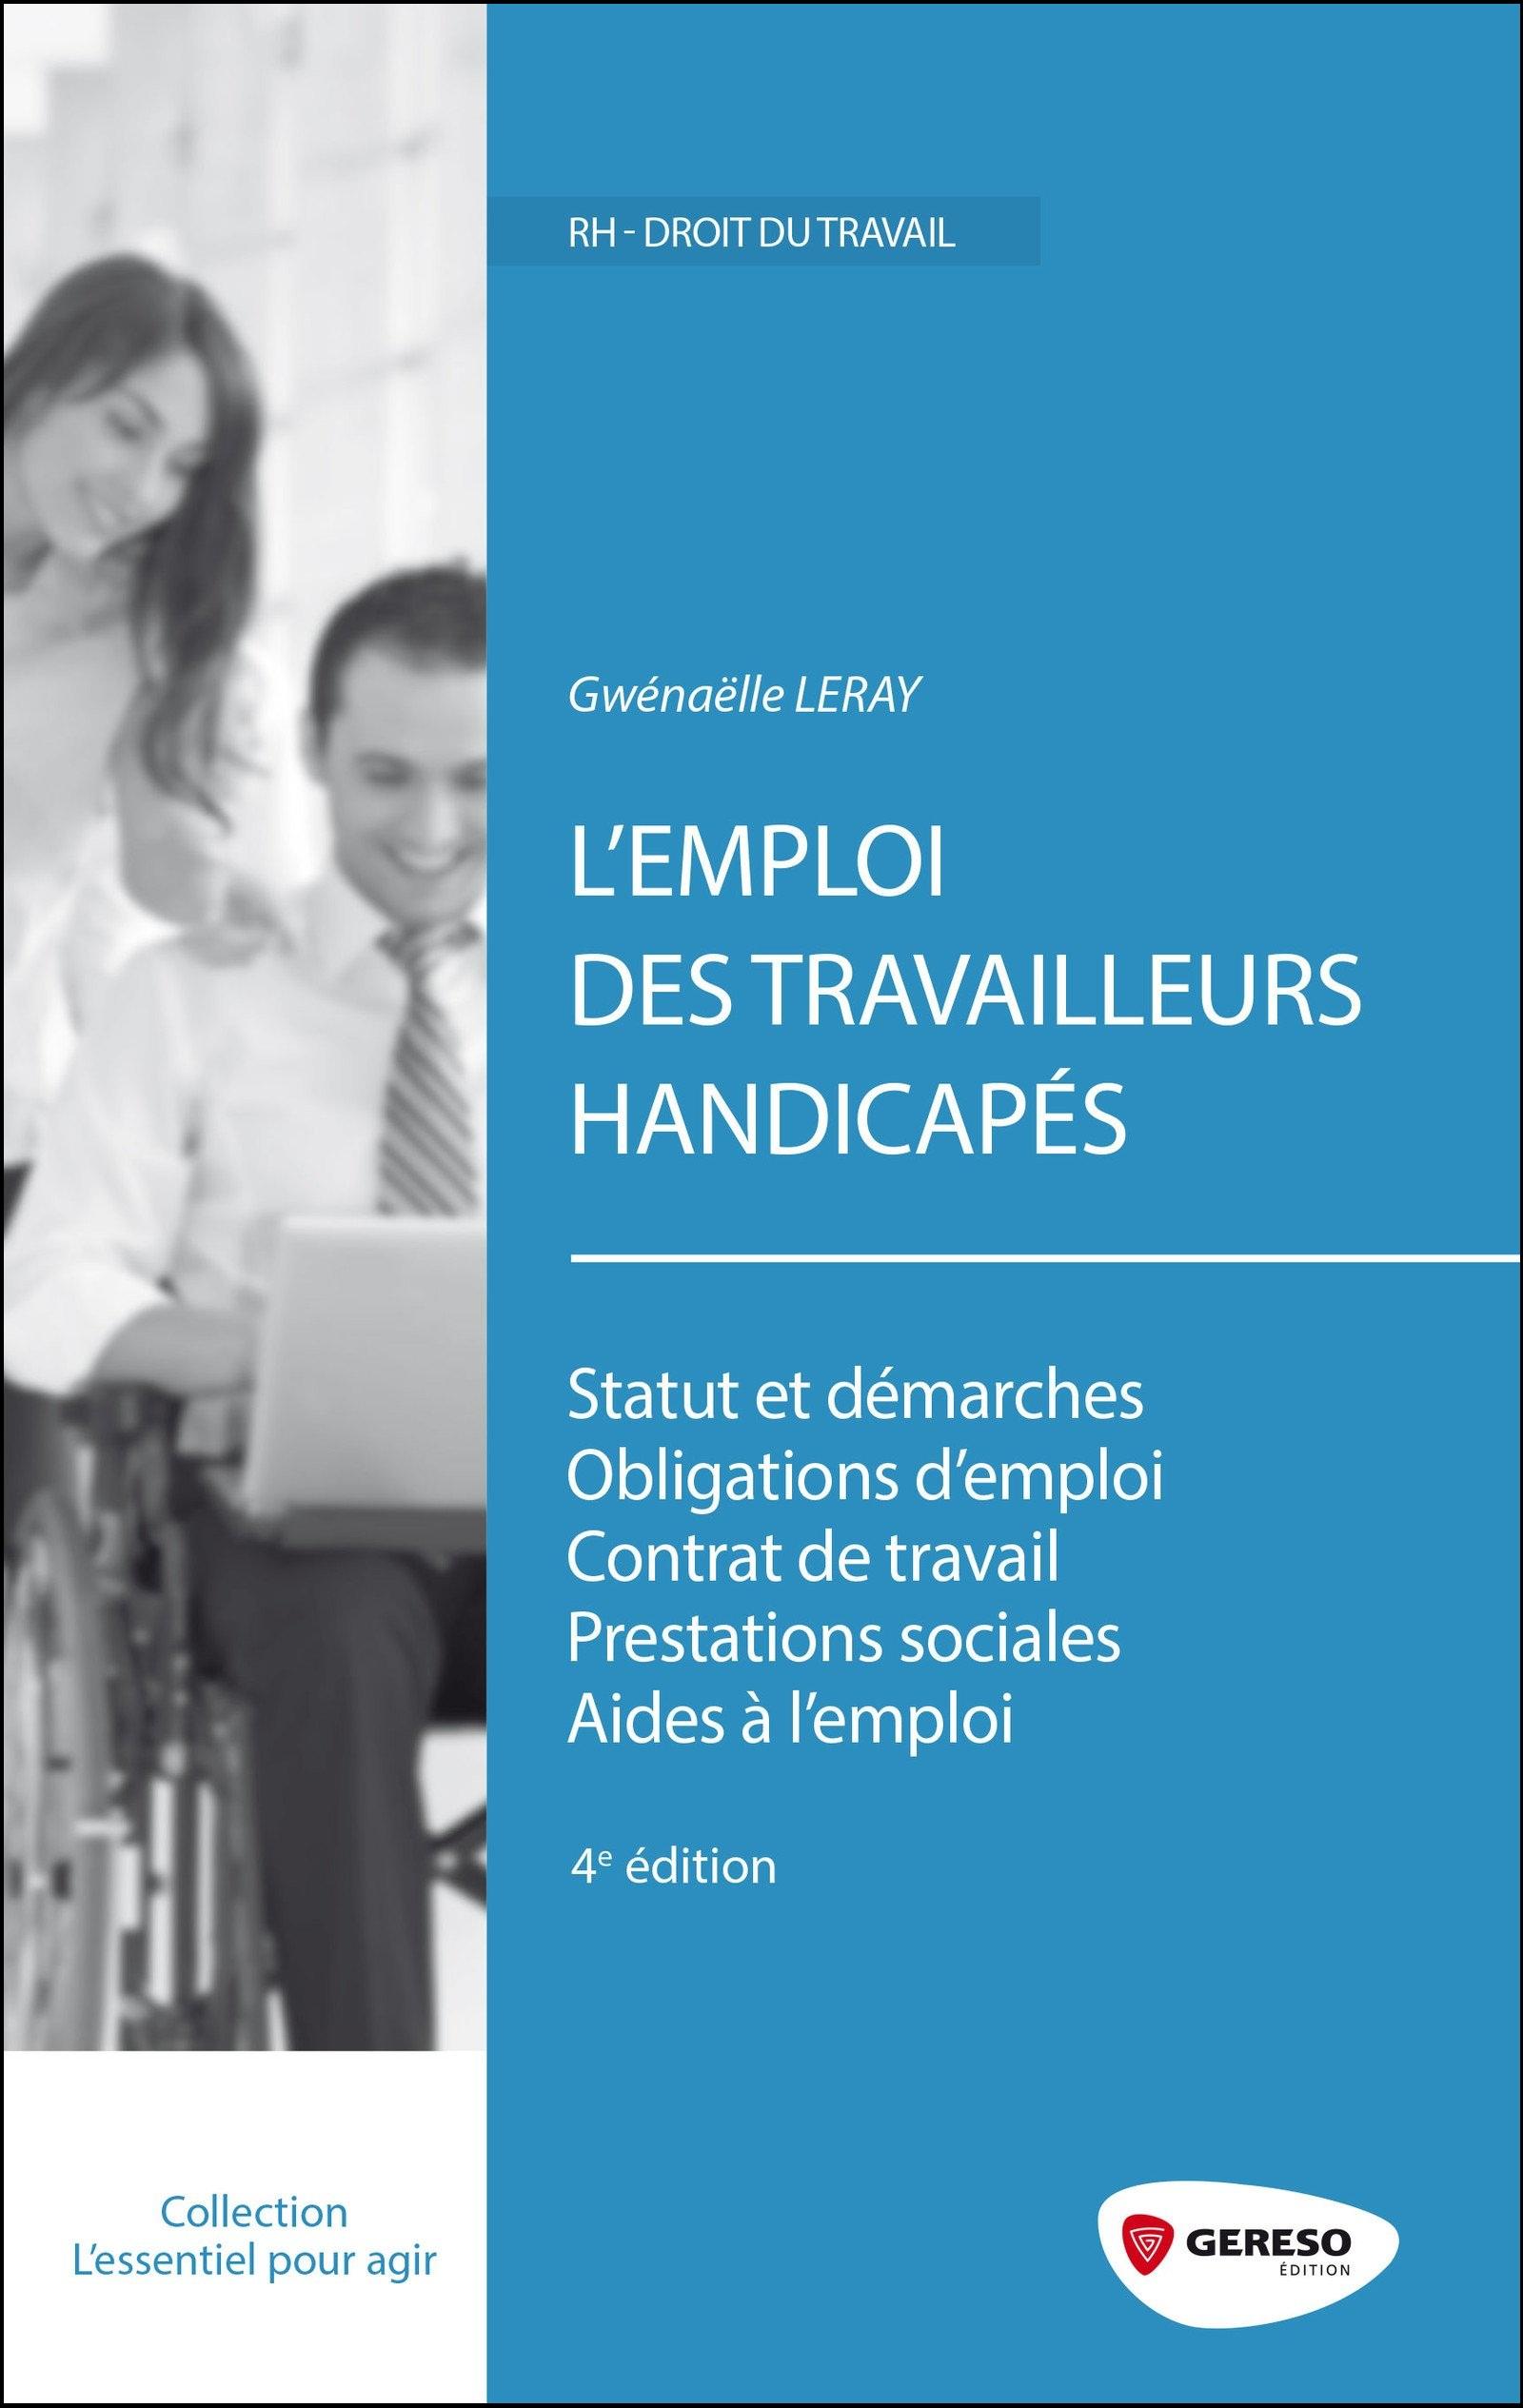 L'emploi des travailleurs handicapés